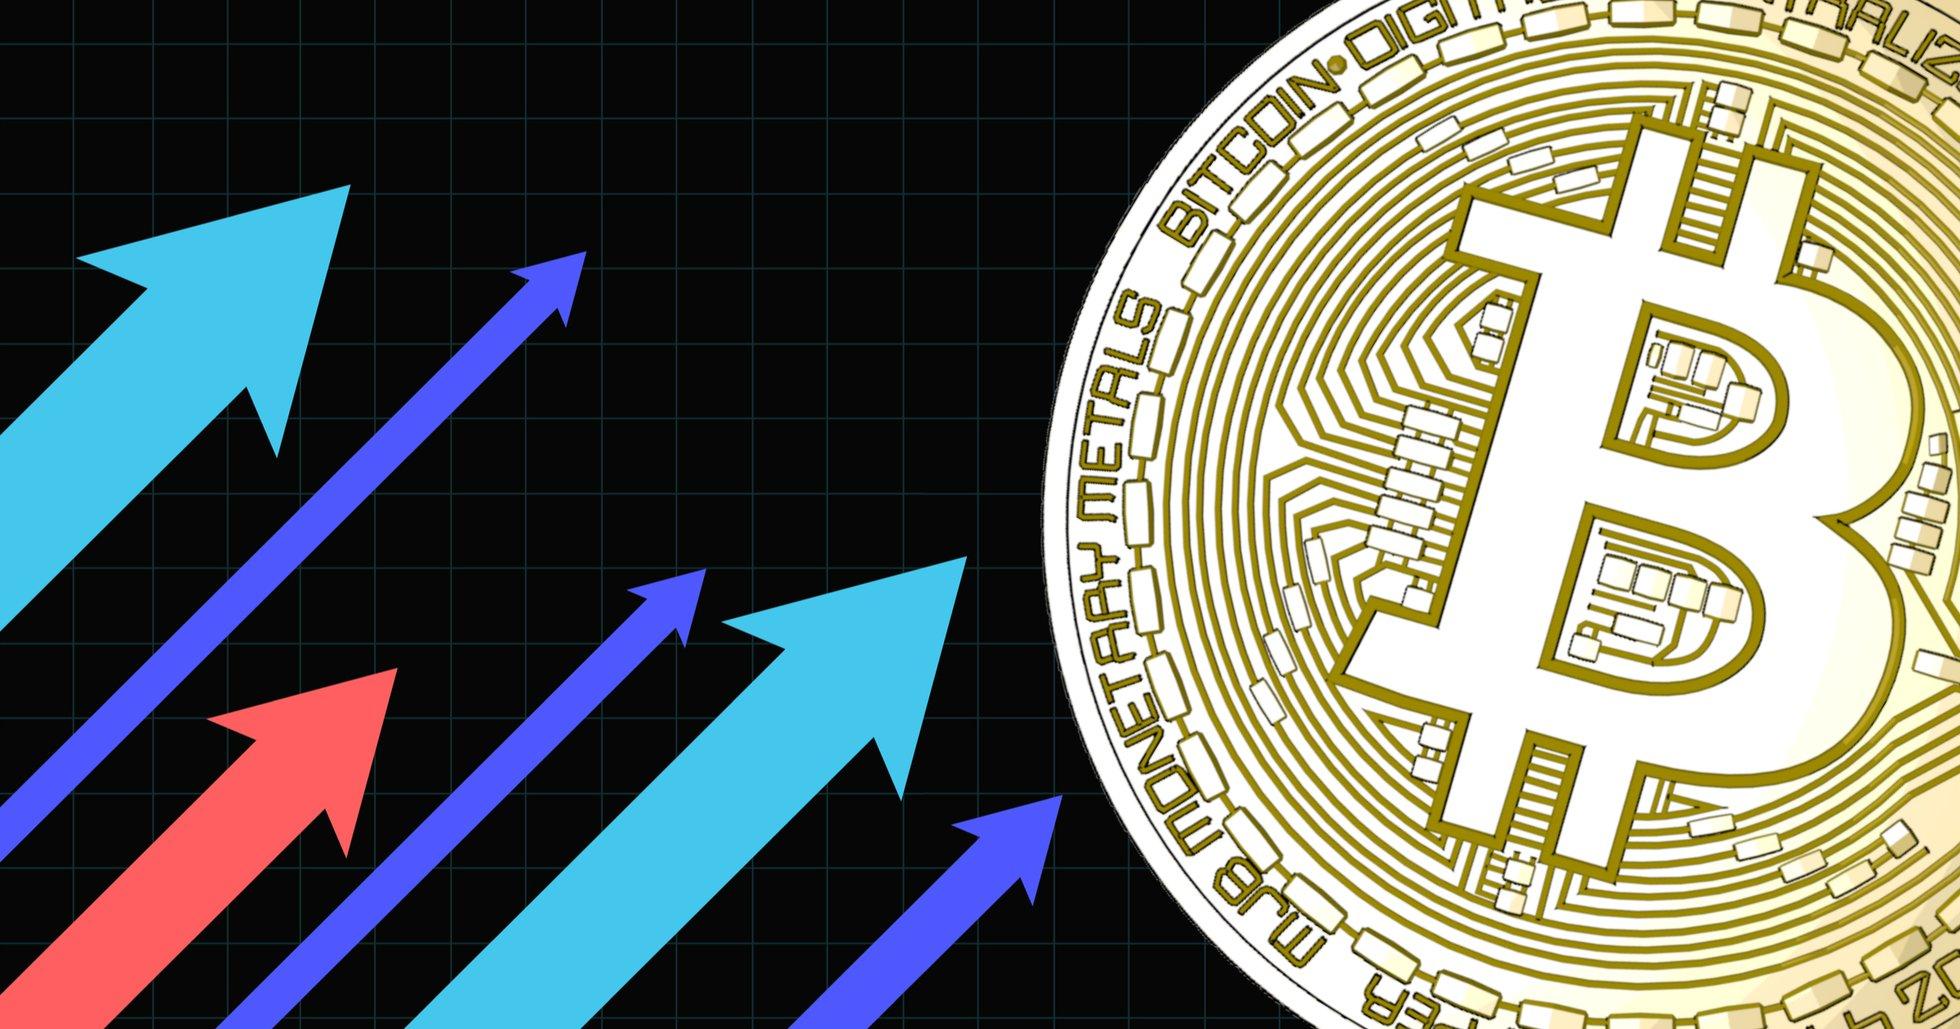 Bitcoinpriset har ökat över 450 dollar på ett dygn.